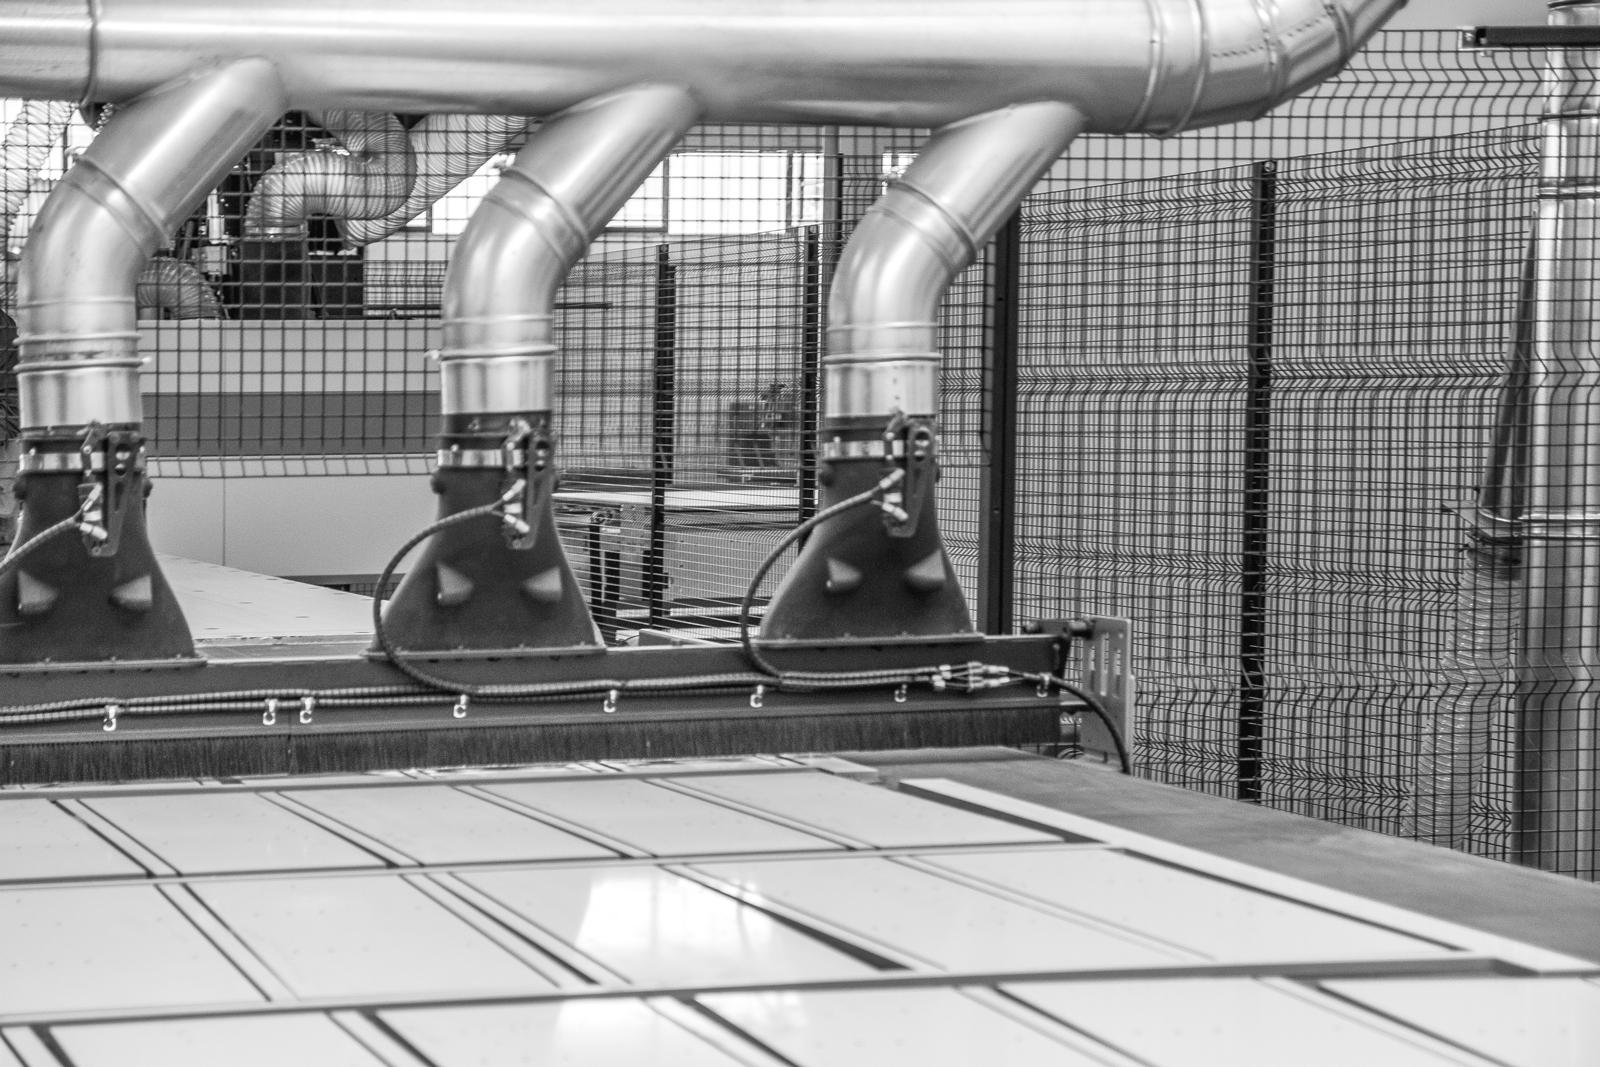 Bmt azienda macchinari produzione accessori arredo bagno bmt - Produzione accessori bagno ...